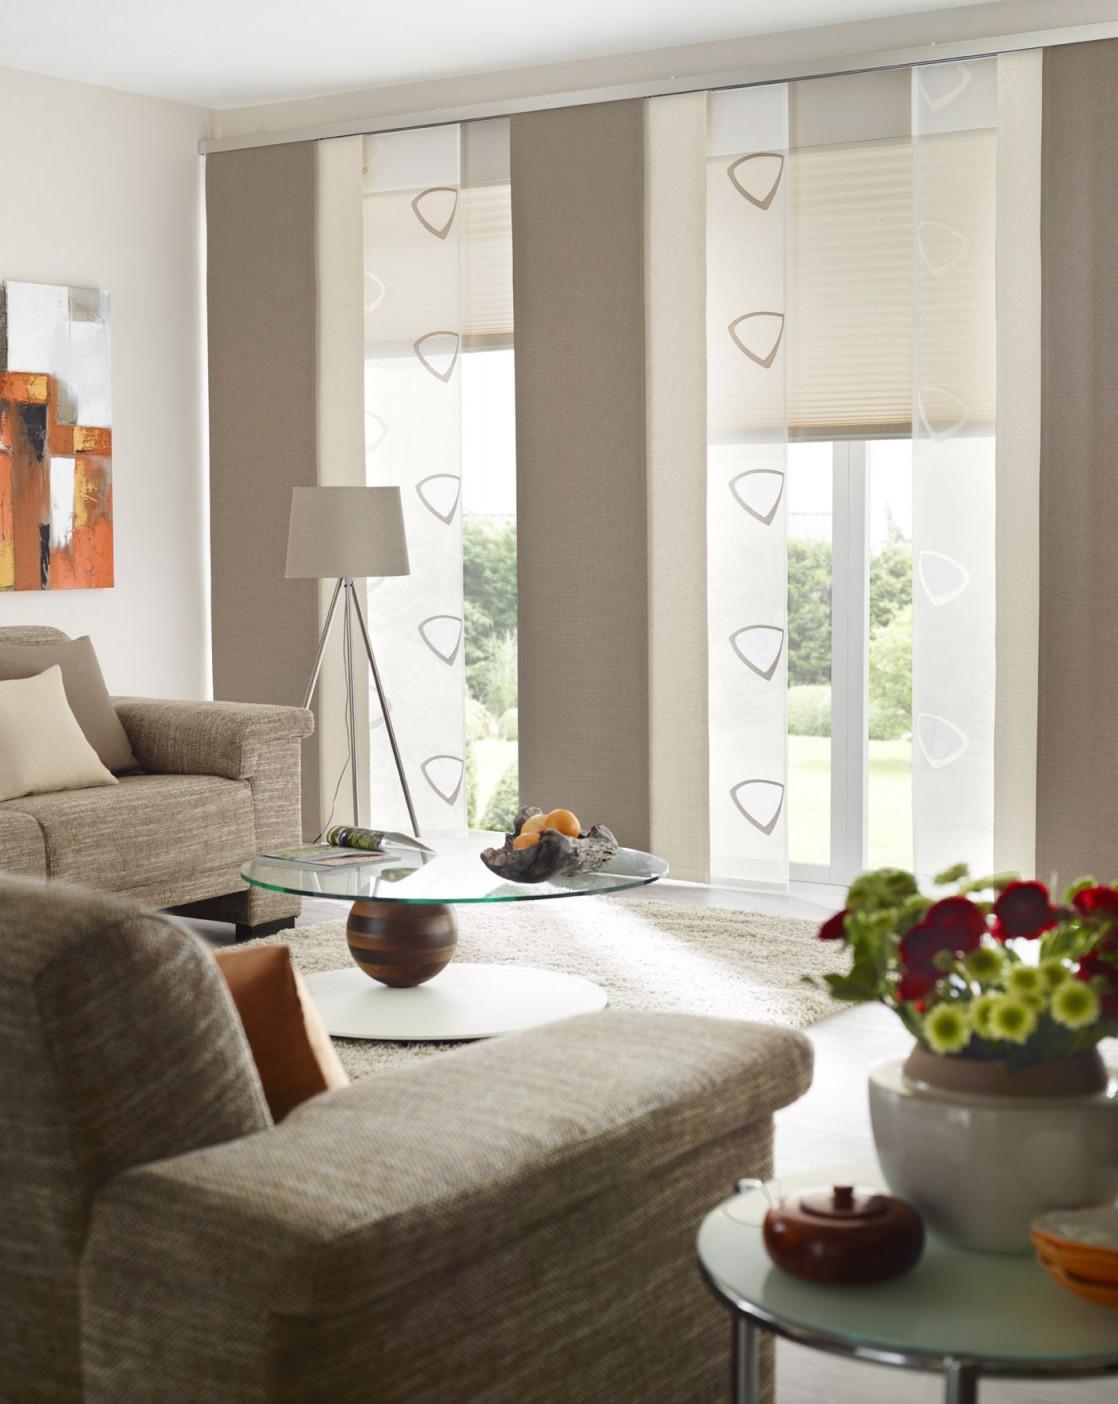 Fenster Urbansteel Gardinen Dekostoffe Vorhang von Gardinen Im Wohnzimmer Bild